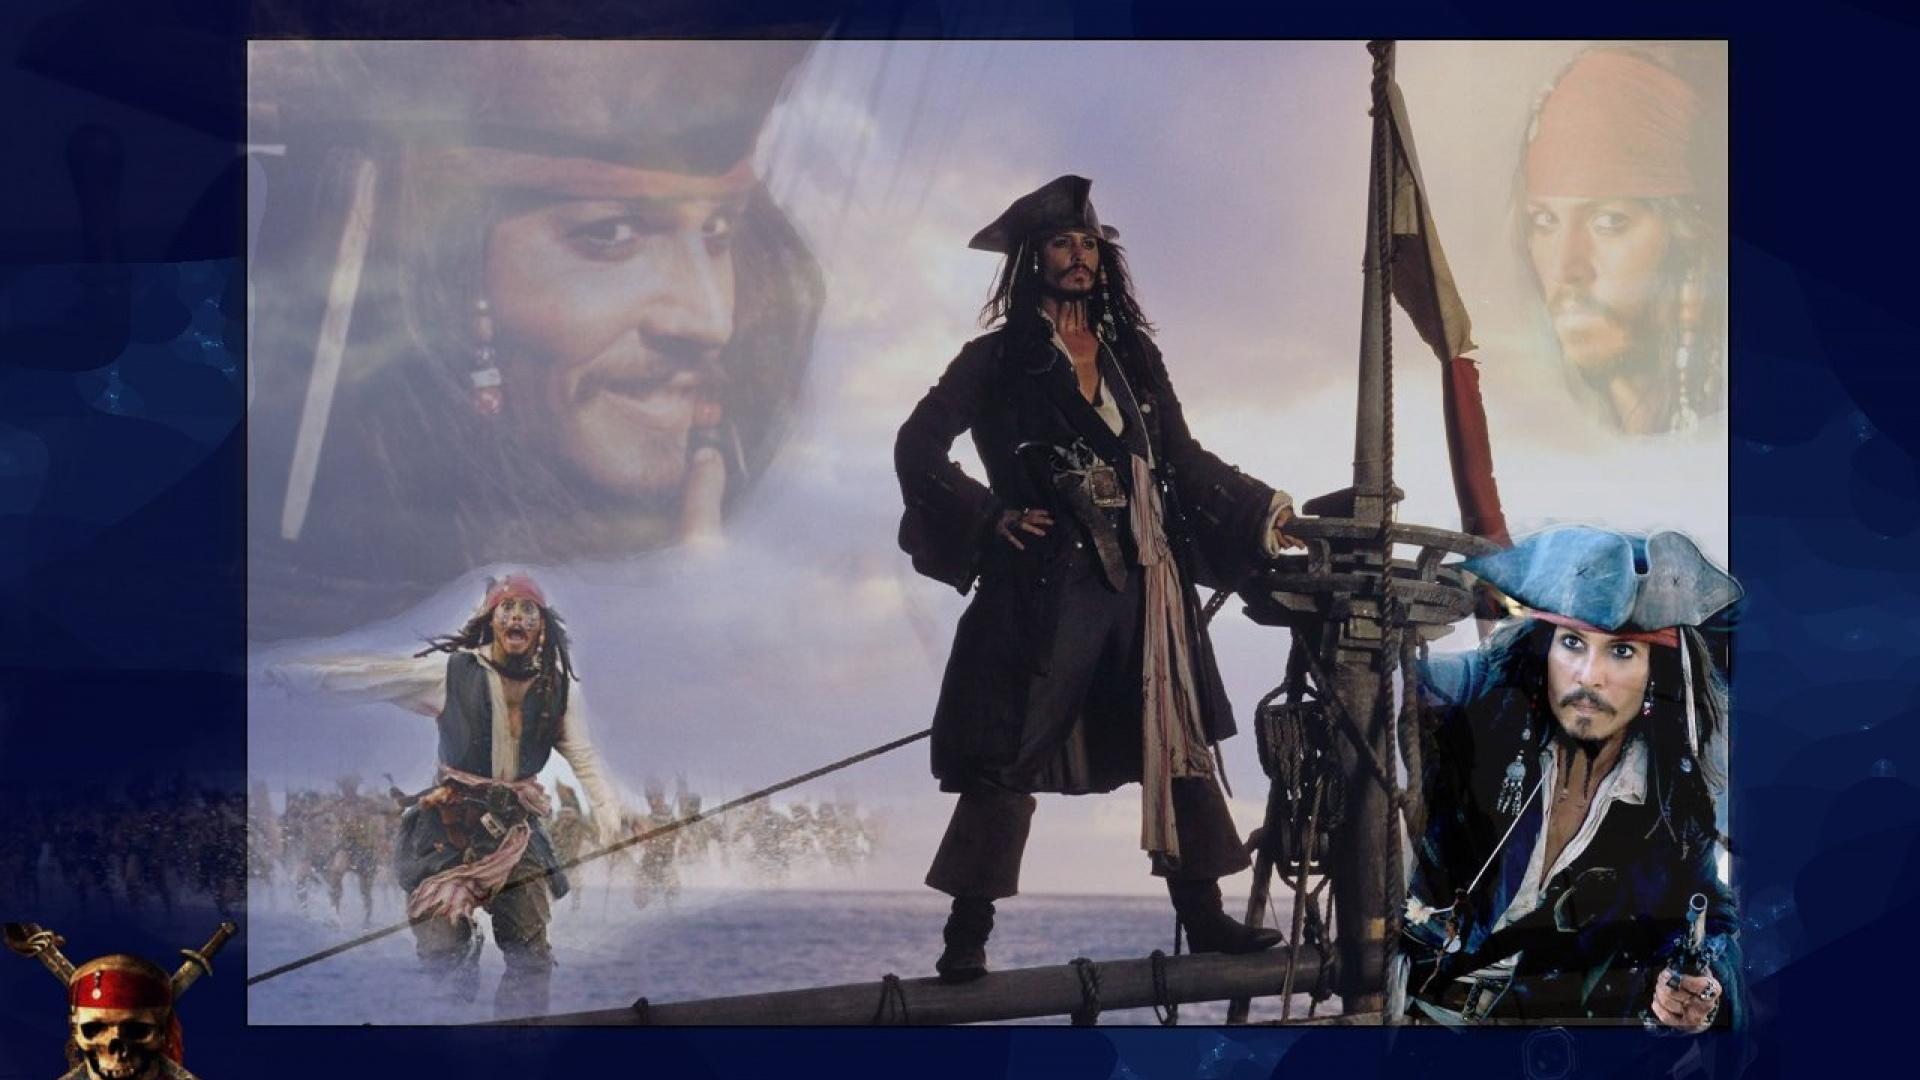 фото из пираты помоги ответа четвертого дня нашего